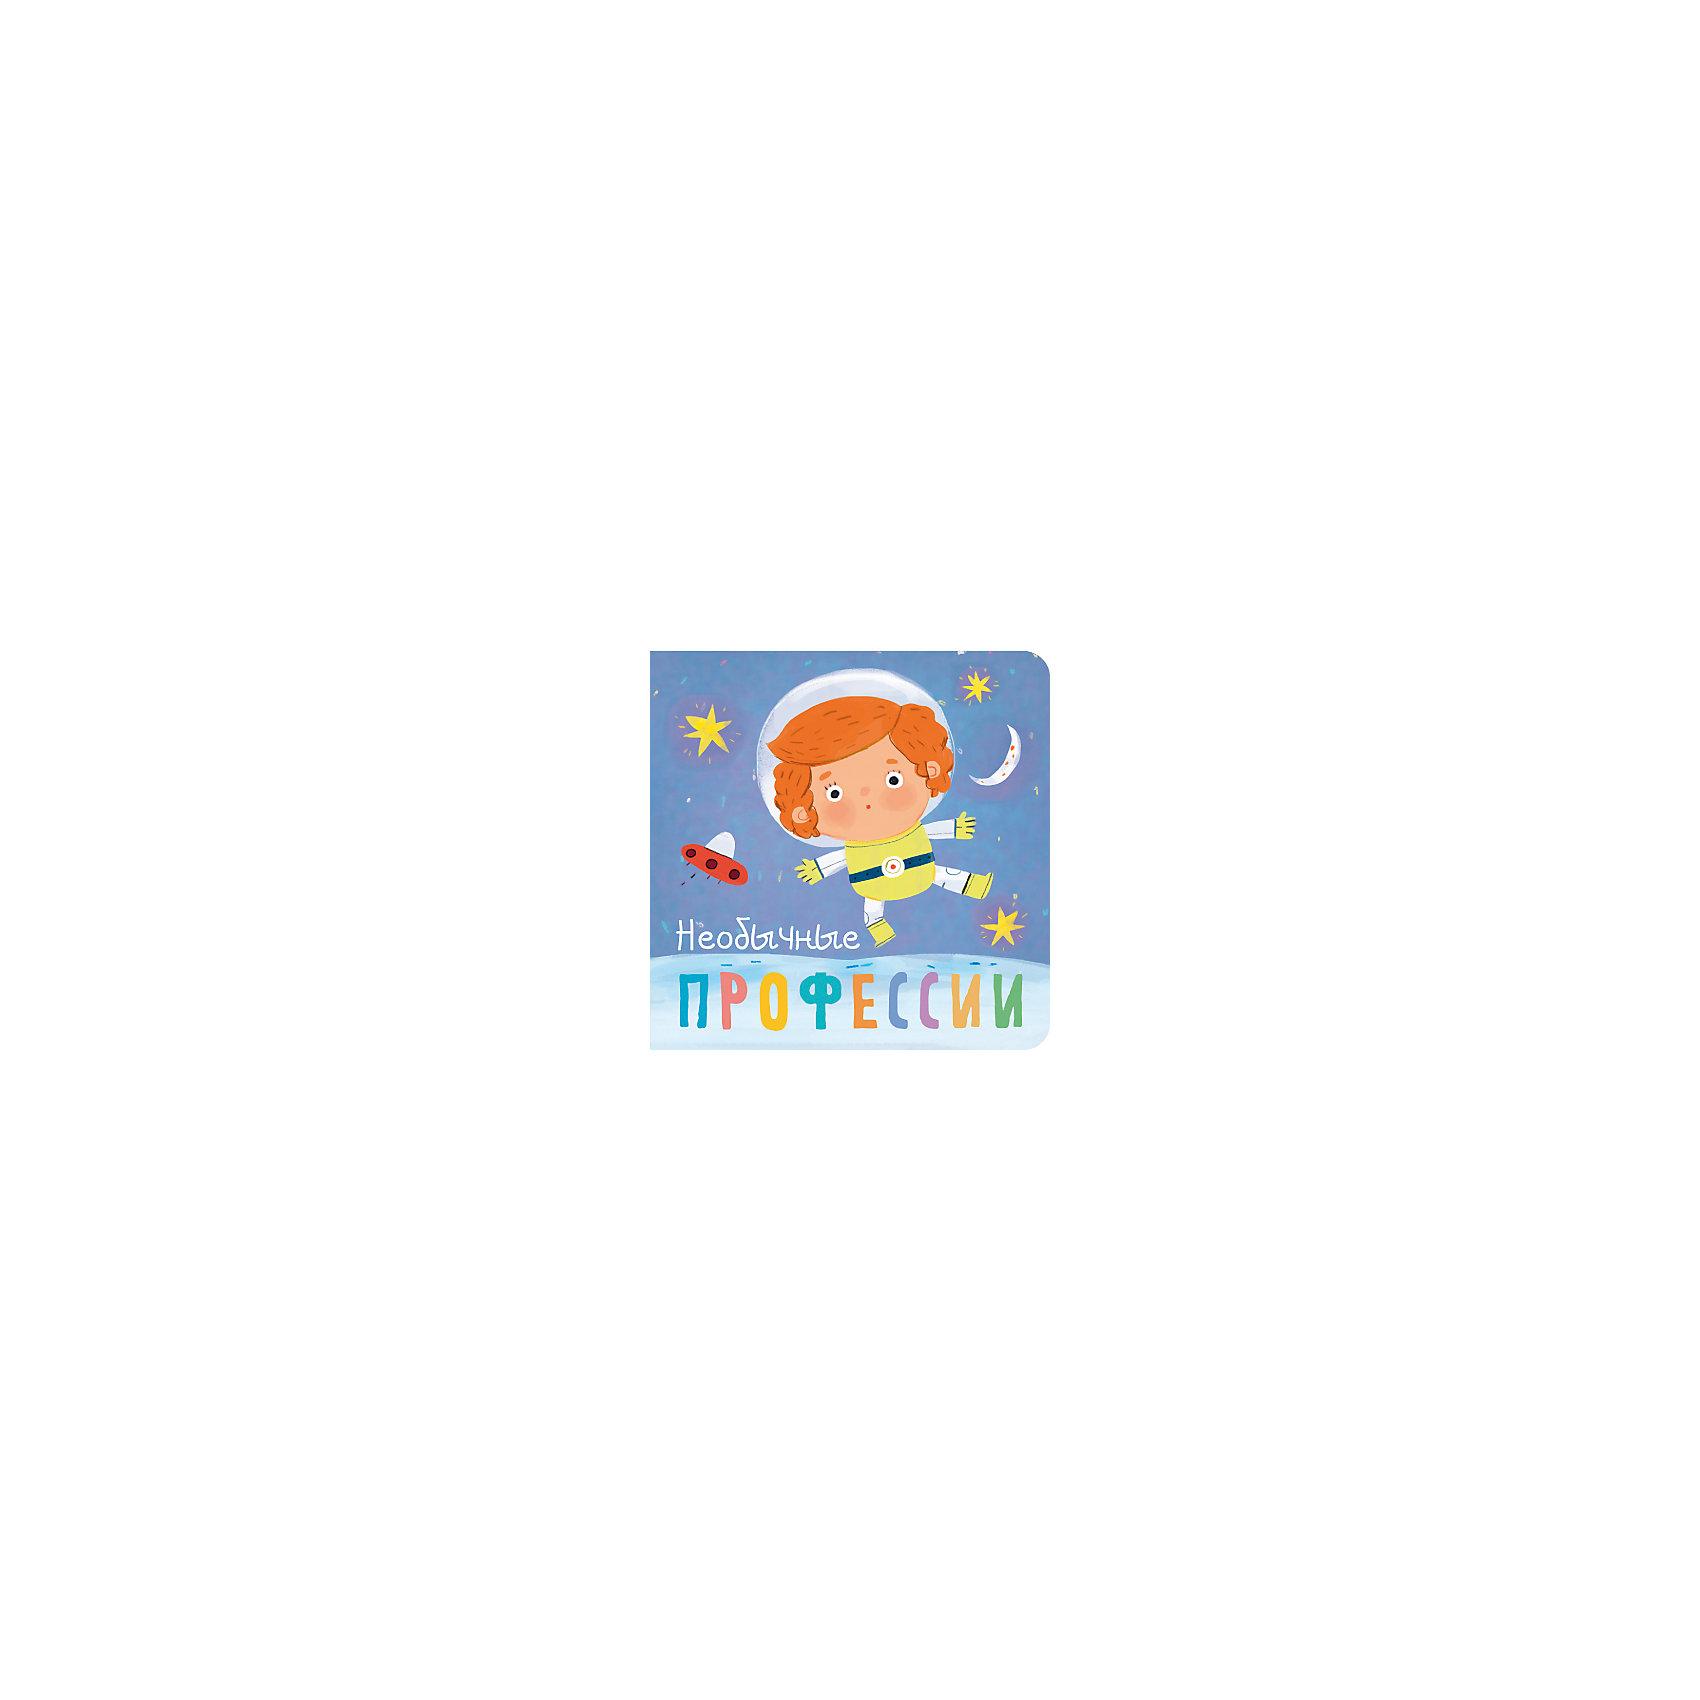 Книжка Профессии. Необычные профессииСказки, рассказы, стихи<br>Книжка Профессии. Необычные профессии.<br><br>Характеристики:<br><br>• Автор: Ольга Мозалева<br>• Художник: А. Сарвира<br>• Издательство: Мозаика-Синтез<br>• Серия: Профессии<br>• Тип обложки: картонная обложка<br>• Иллюстрации: цветные<br>• Количество страниц: 10 (картон)<br>• Размер: 100х100х16 мм.<br>• ISBN: 9785431510366<br><br>Яркая миниатюрная книжка познакомит малыша десятью необычными профессиями. Он встретит на страницах космонавта, флориста, полярника и других. Забавные иллюстрации и веселые двустишия обязательно понравятся ребенку и помогут легко усвоить новые знания. Книжка, созданная специально для детских ручек, изготовлена из плотного картона и будет долго радовать маленького читателя.<br><br>Книжку Профессии. Необычные профессии можно купить в нашем интернет-магазине.<br><br>Ширина мм: 170<br>Глубина мм: 100<br>Высота мм: 100<br>Вес г: 103<br>Возраст от месяцев: 24<br>Возраст до месяцев: 60<br>Пол: Унисекс<br>Возраст: Детский<br>SKU: 5489595